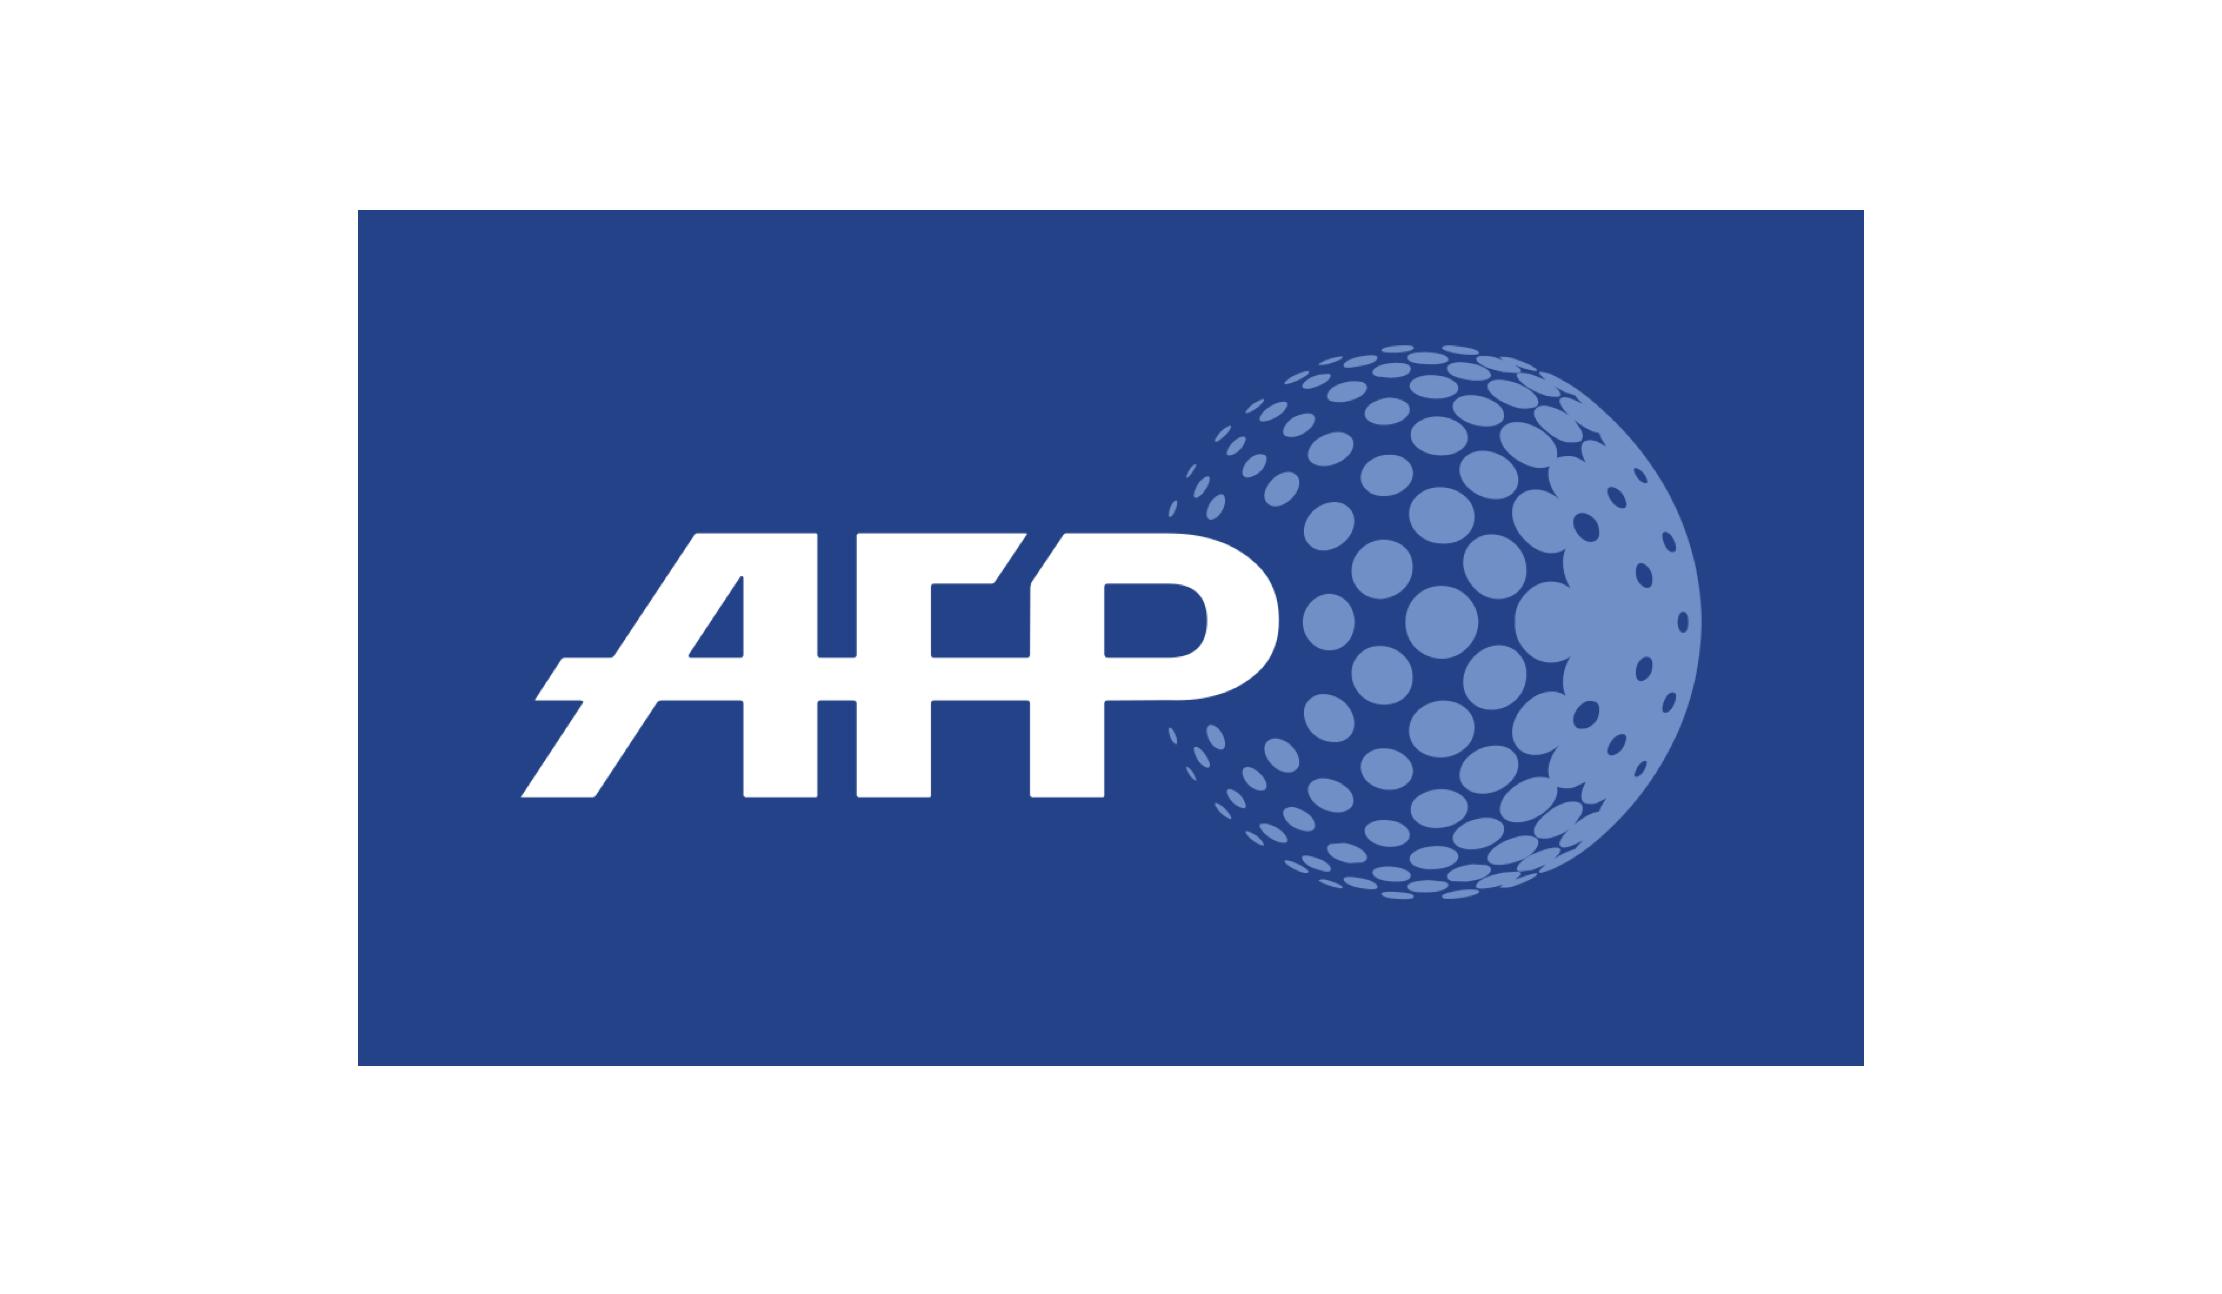 Image - AFP : Non, la Manif pour tous n'a pas appelé à voter pour Marine Le Pen à la présidentielle 2017